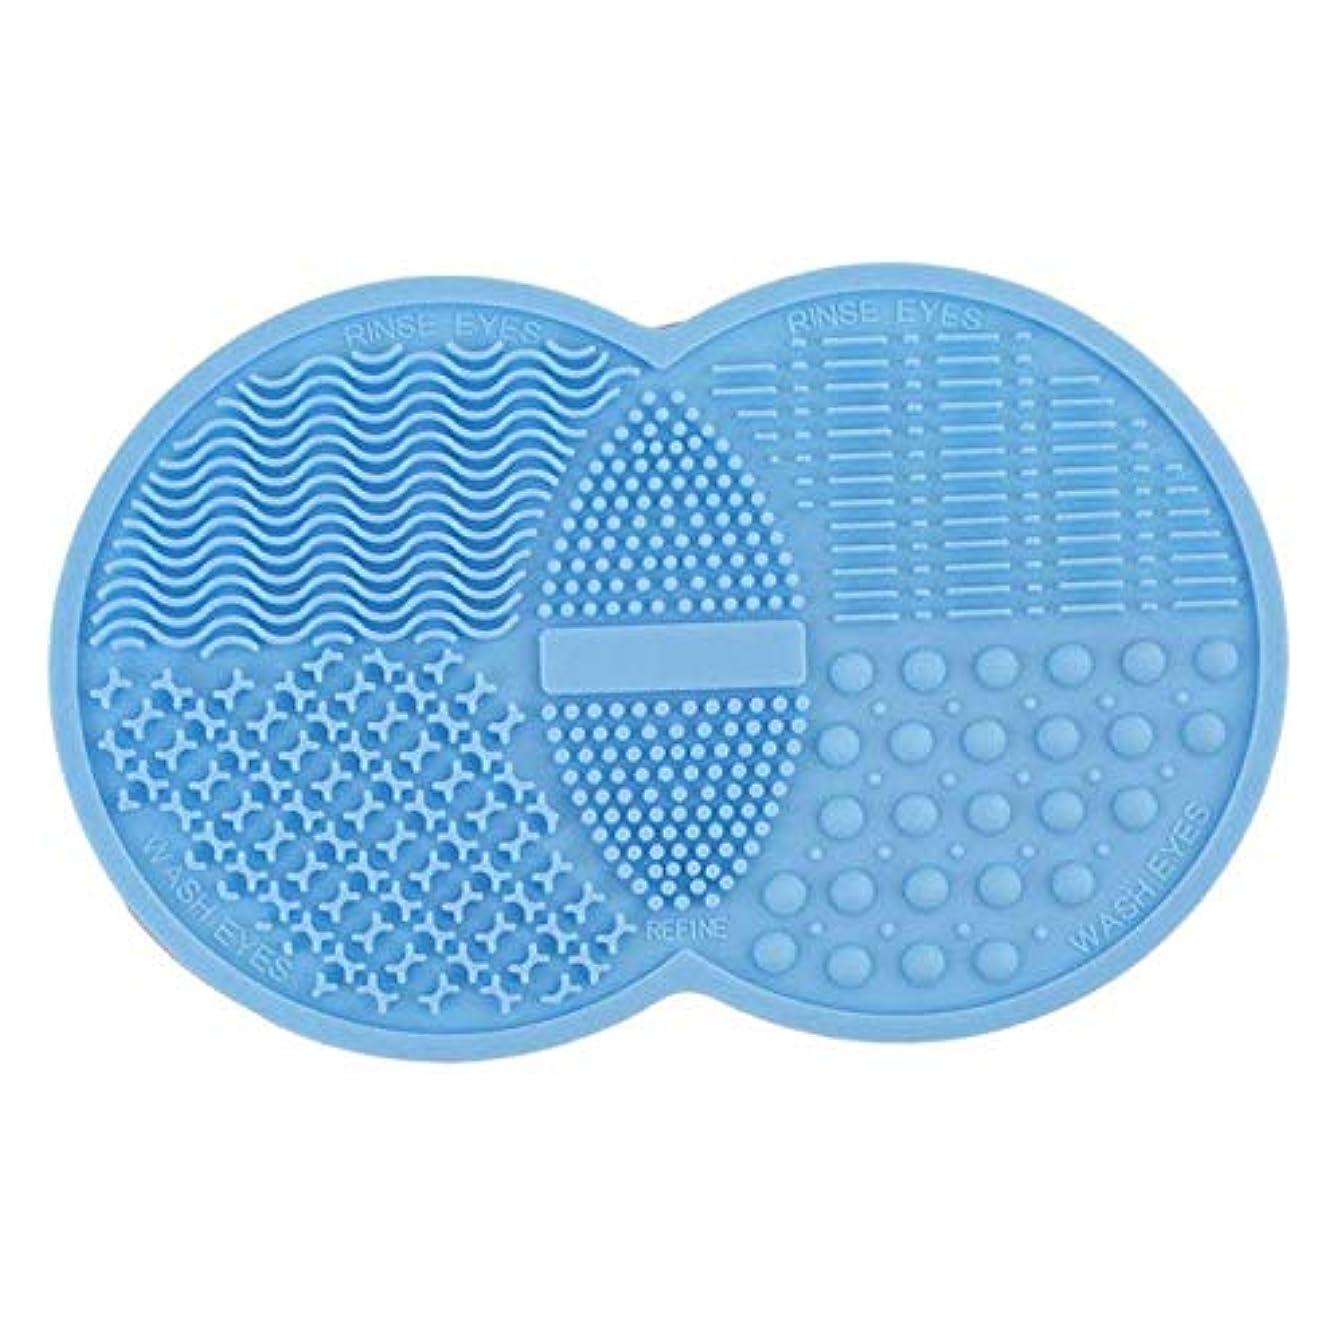 秋励起暴徒Pichidr-JP 化粧ブラシクリーニングマット家庭用と旅行用サクションカップ付きポータブル洗浄ツールスクラバー(ブルー)